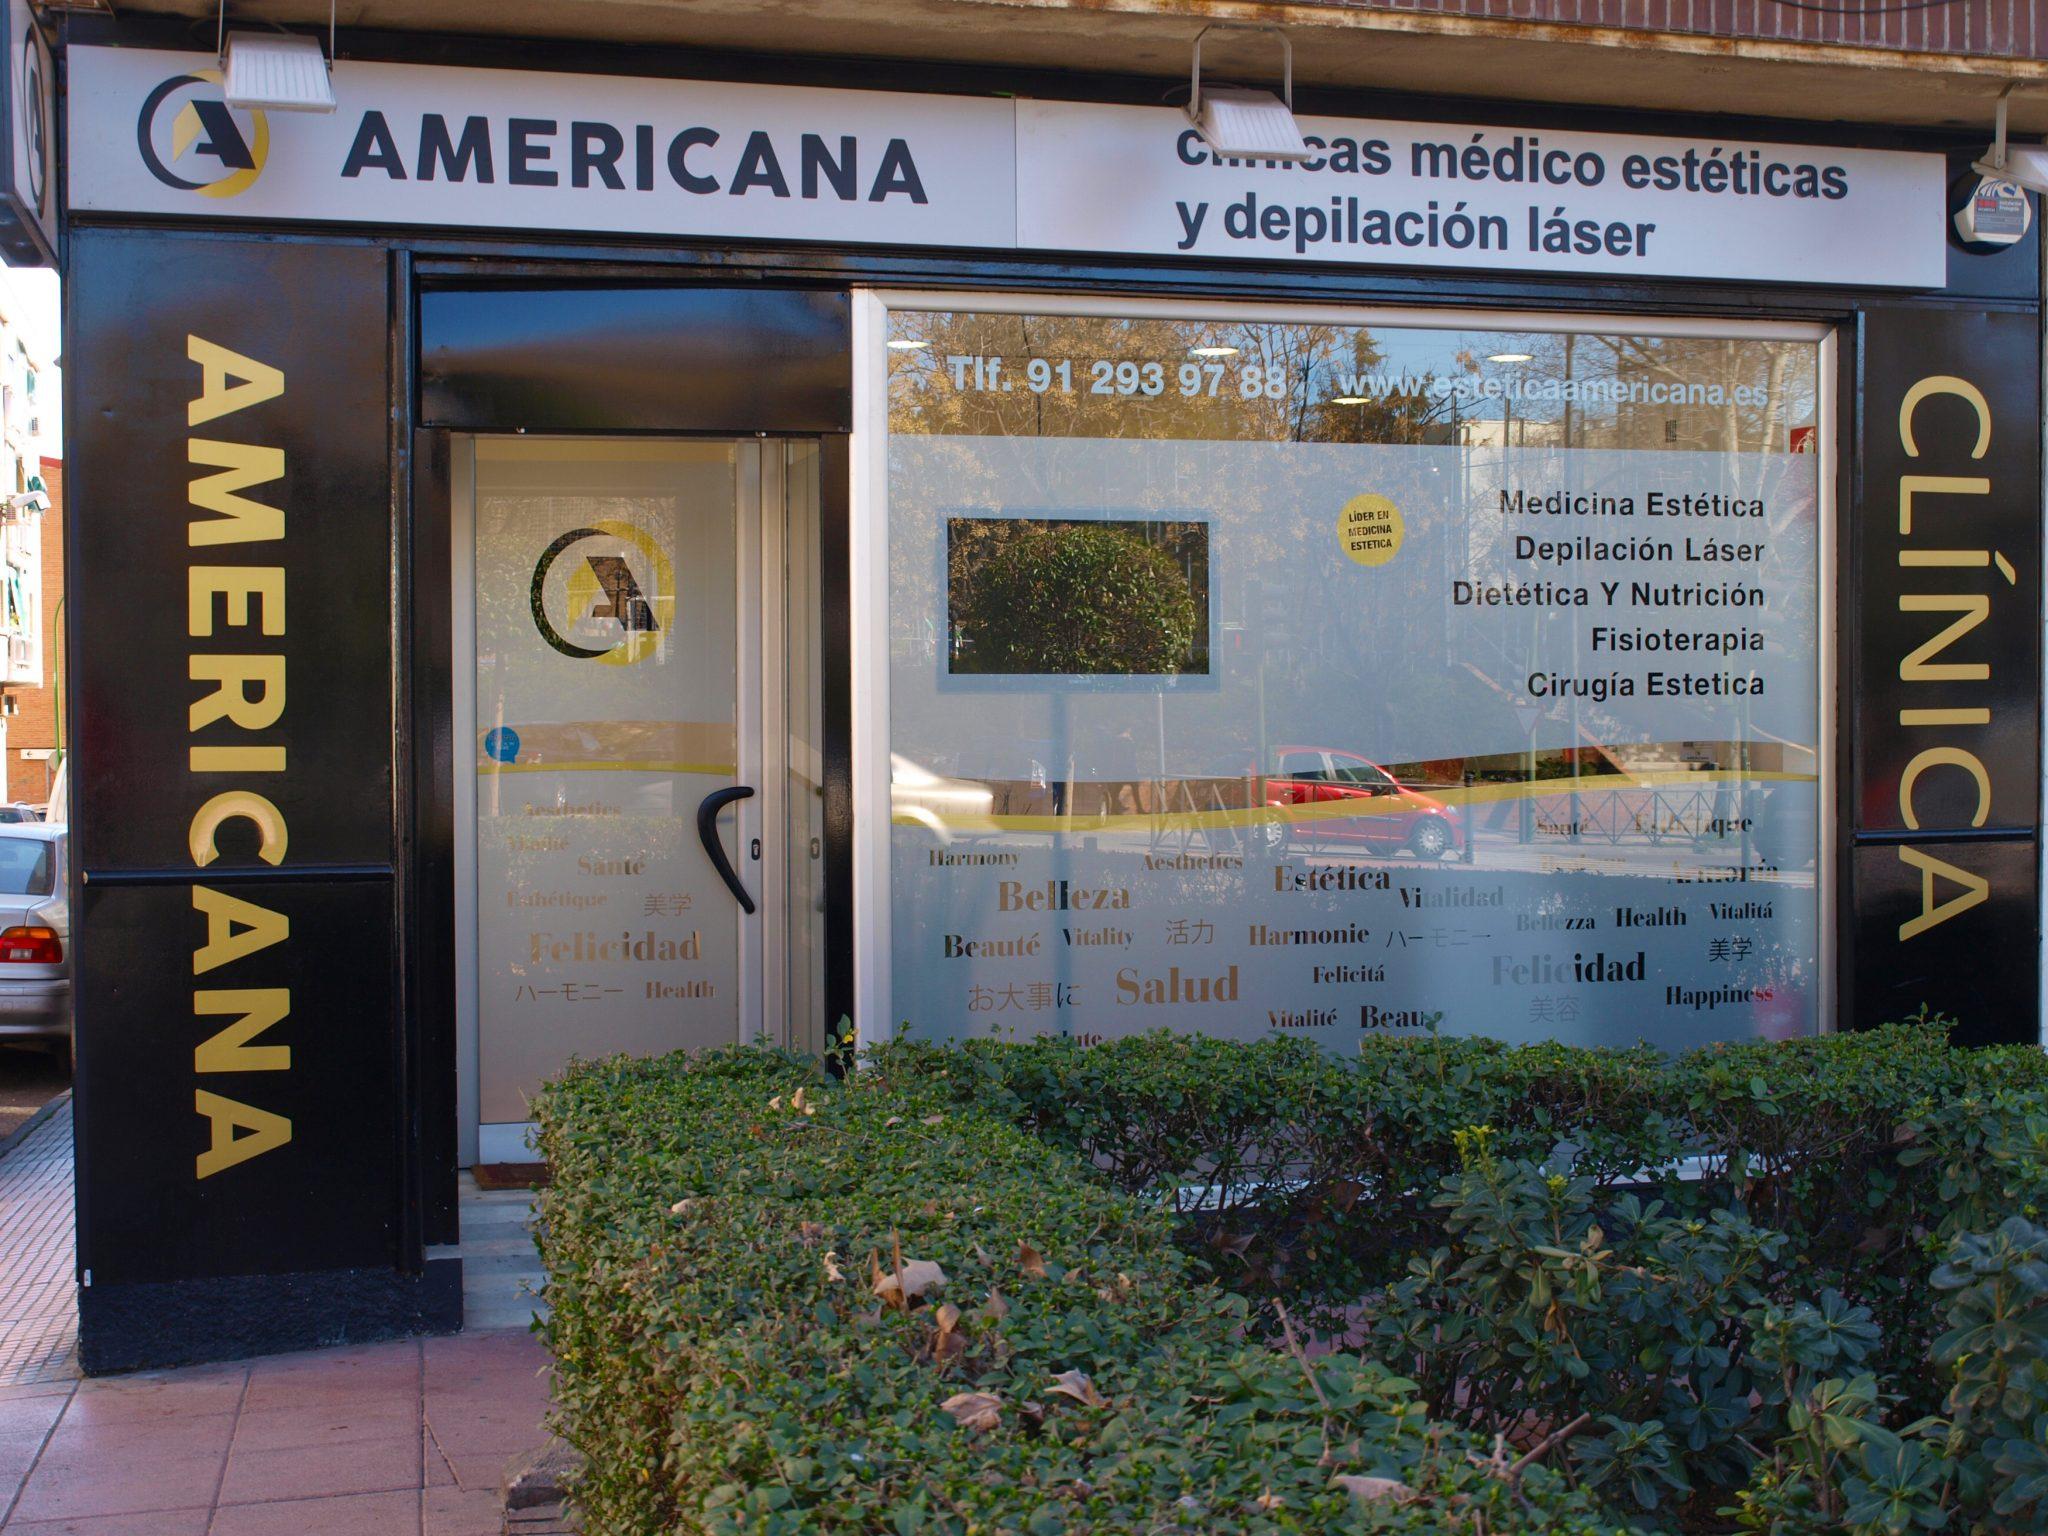 Centro Médico Estético Alcobendas